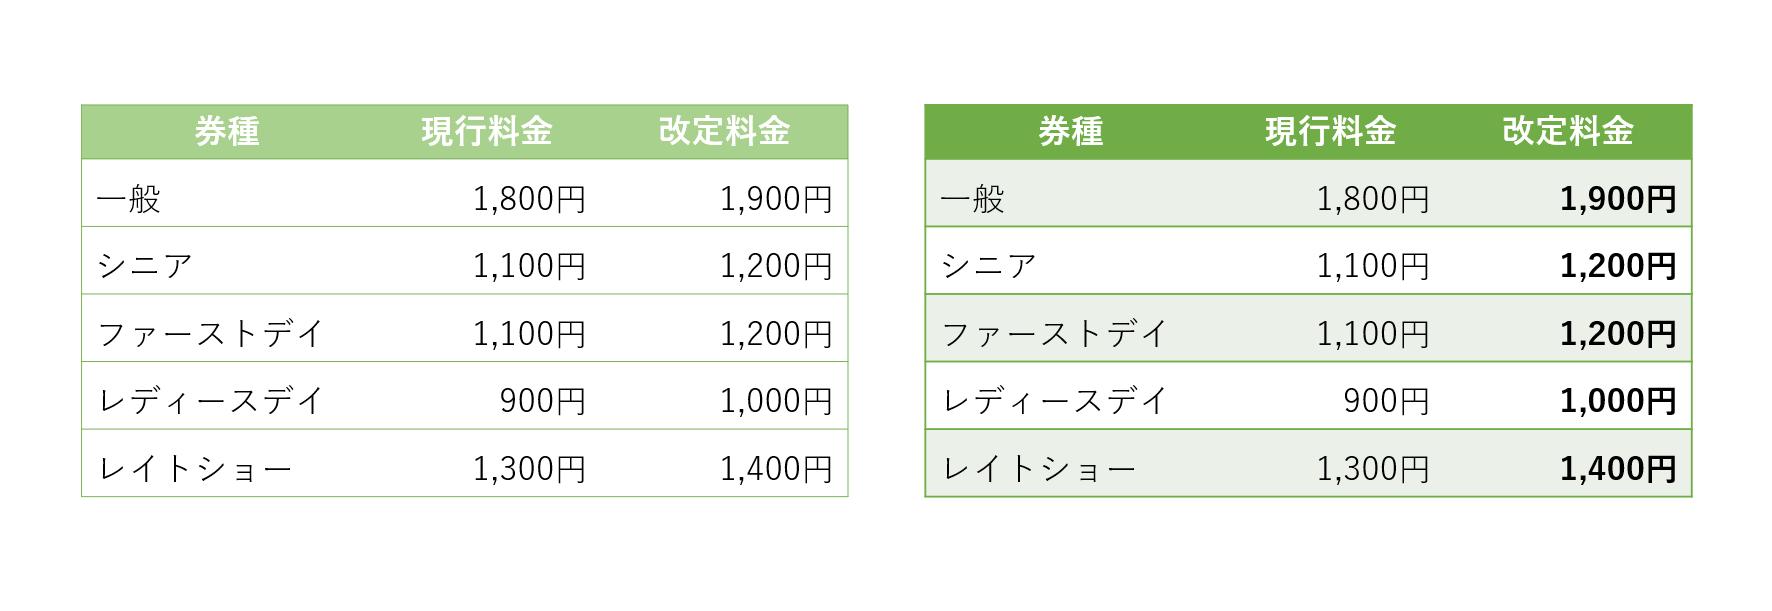 表のストライプ